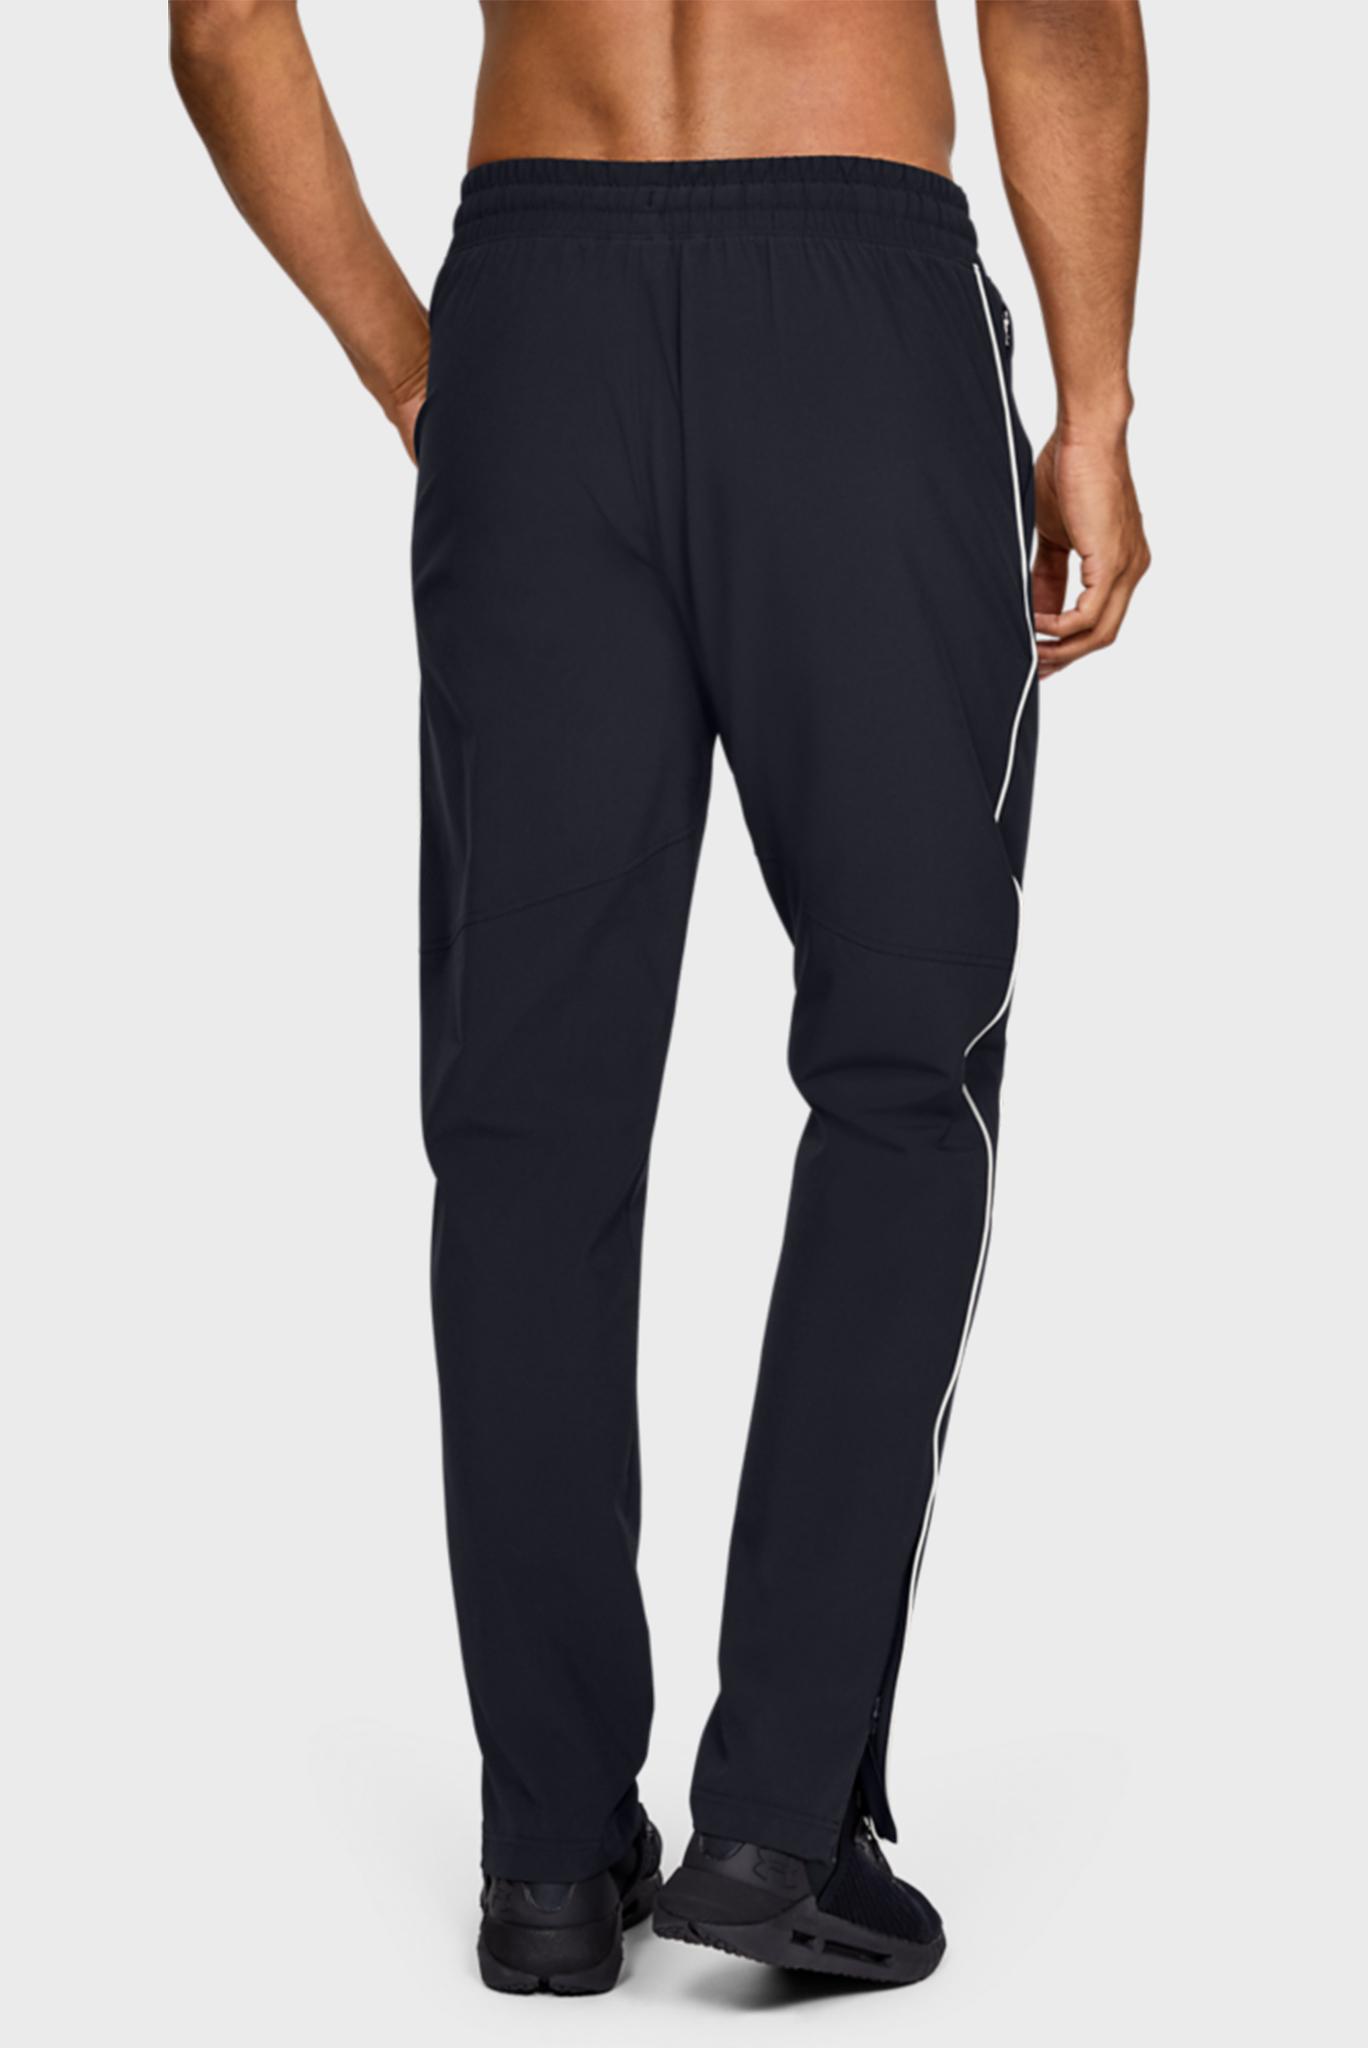 Мужские черные спортивные брюки Athlete Recovery Woven Warm Up Under Armour